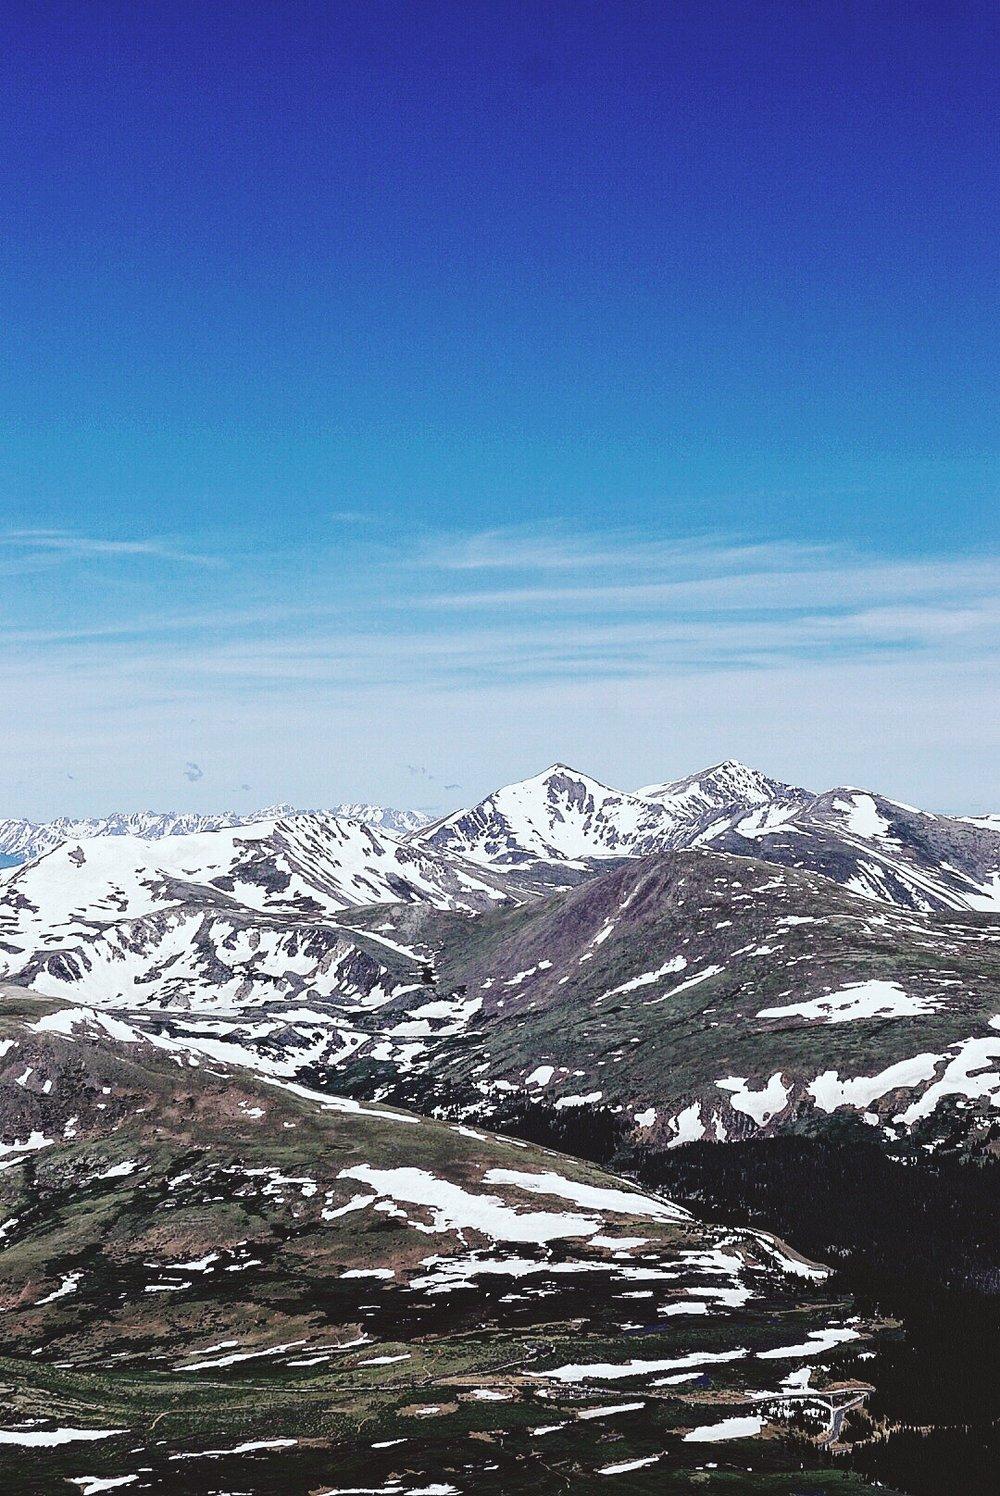 Summit of Mt. Bierstadt looking towards Grays and Torrey's Peaks.